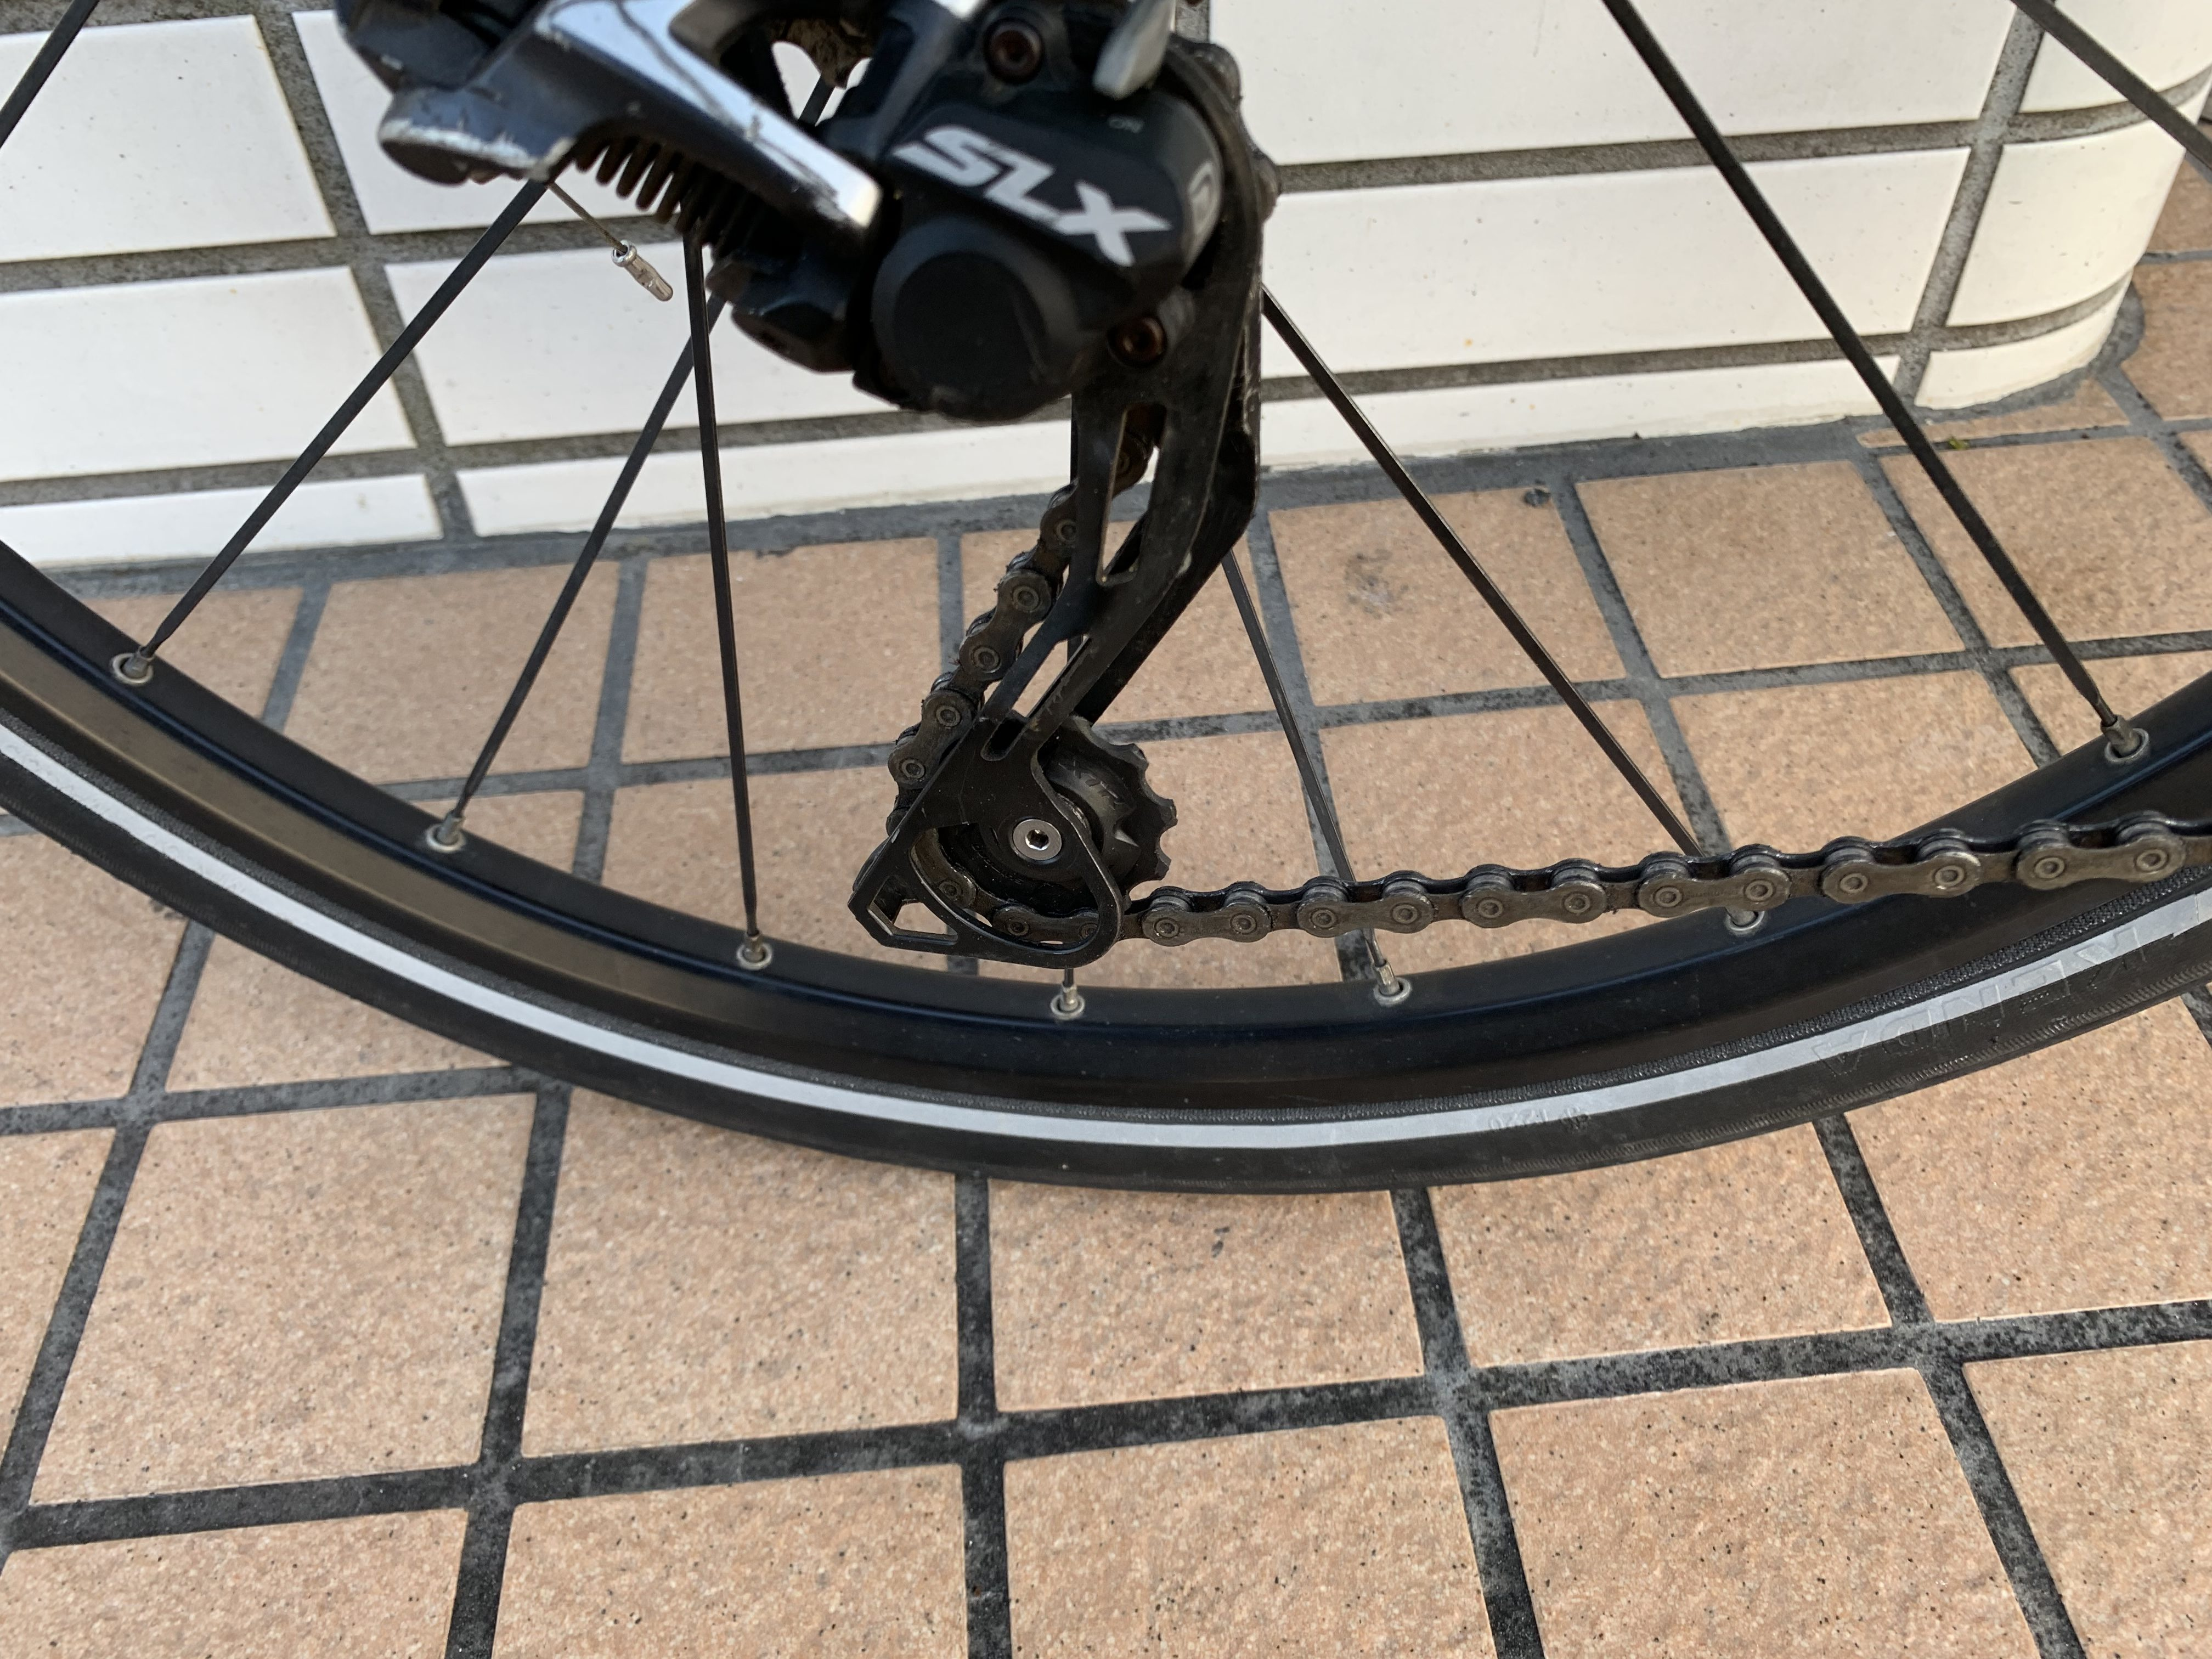 リアディレイラーのプーリーをベアリング入りに交換。自転車を速くする効果絶大!?